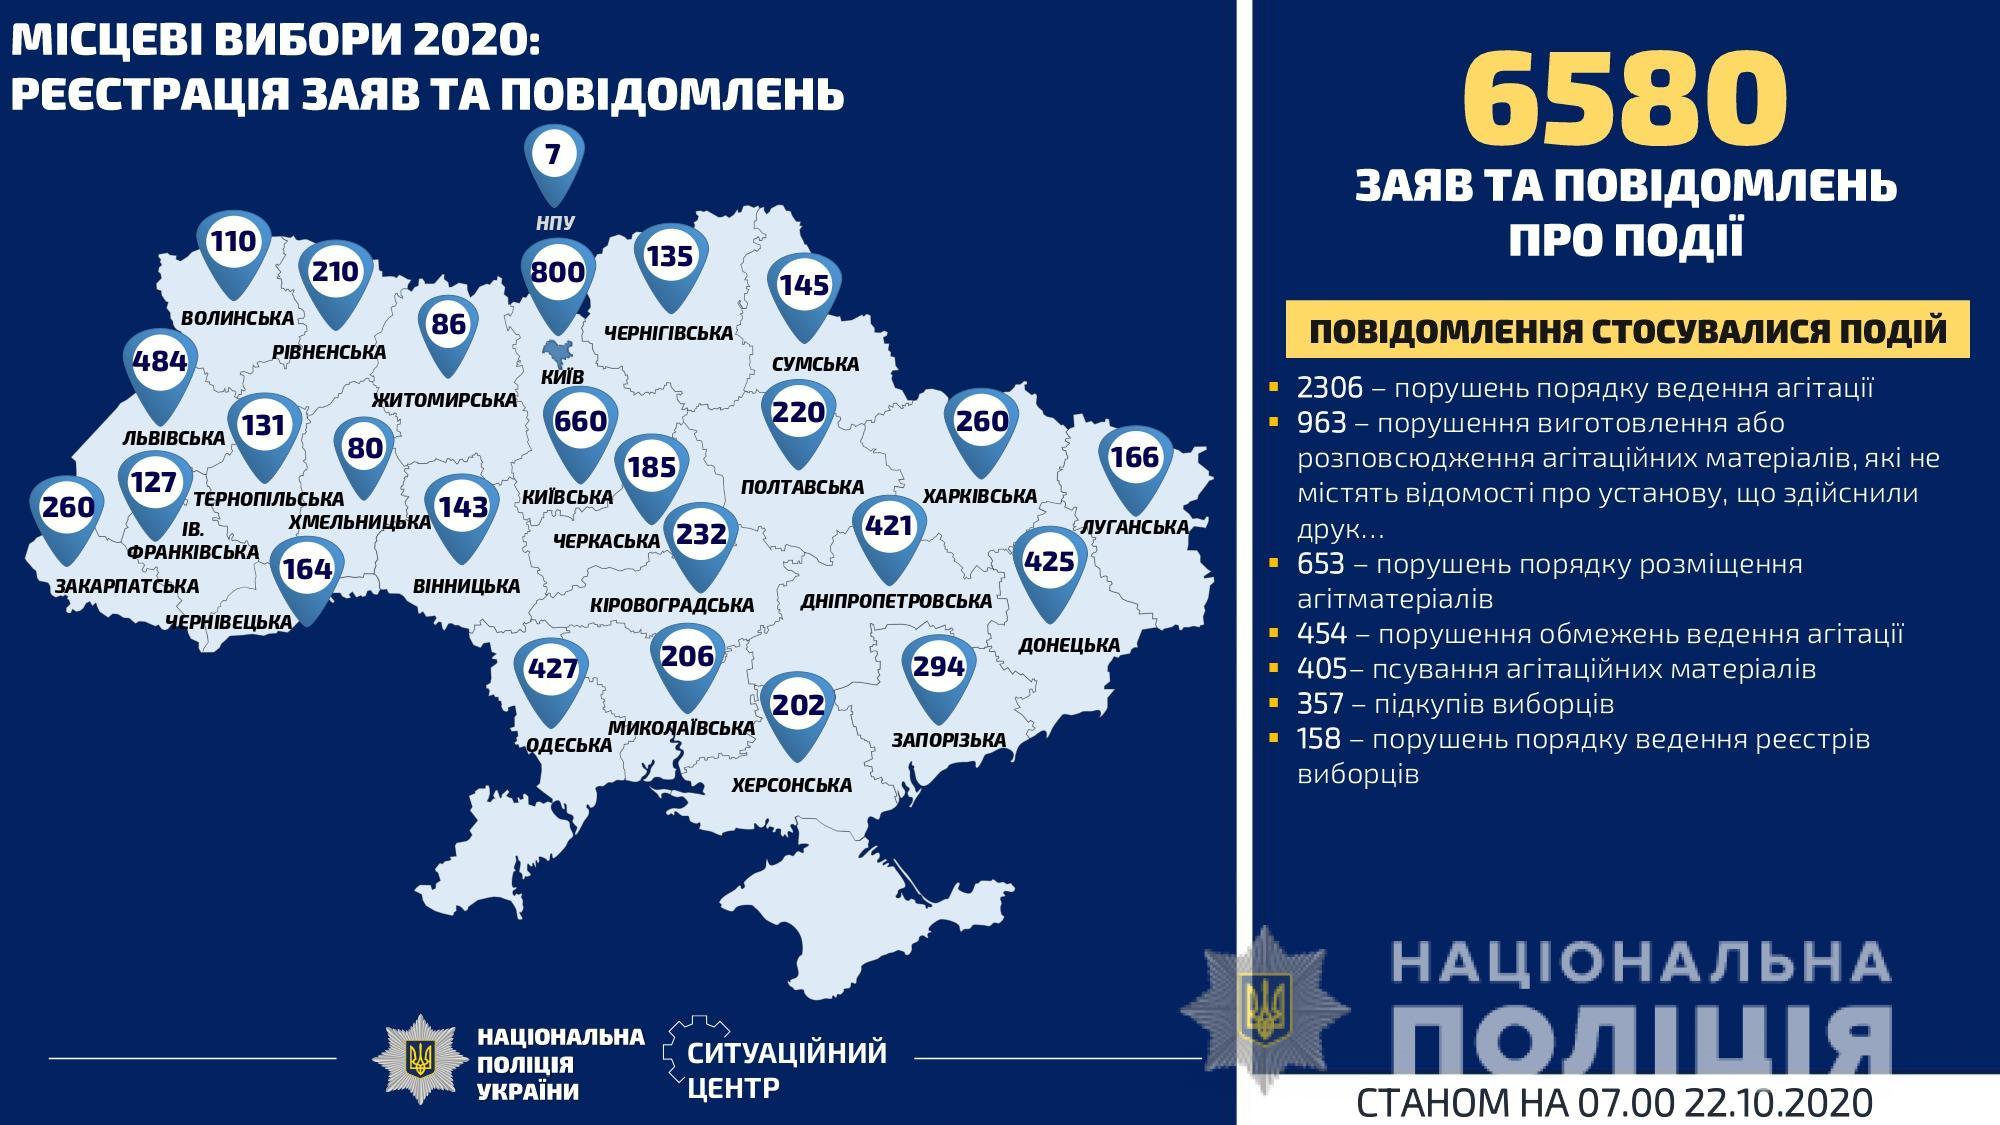 За добу на Київщині – 35 сигналів про порушення виборчого законодавства - місцеві вибори 2020, вибори - POLITSIYA Vybory